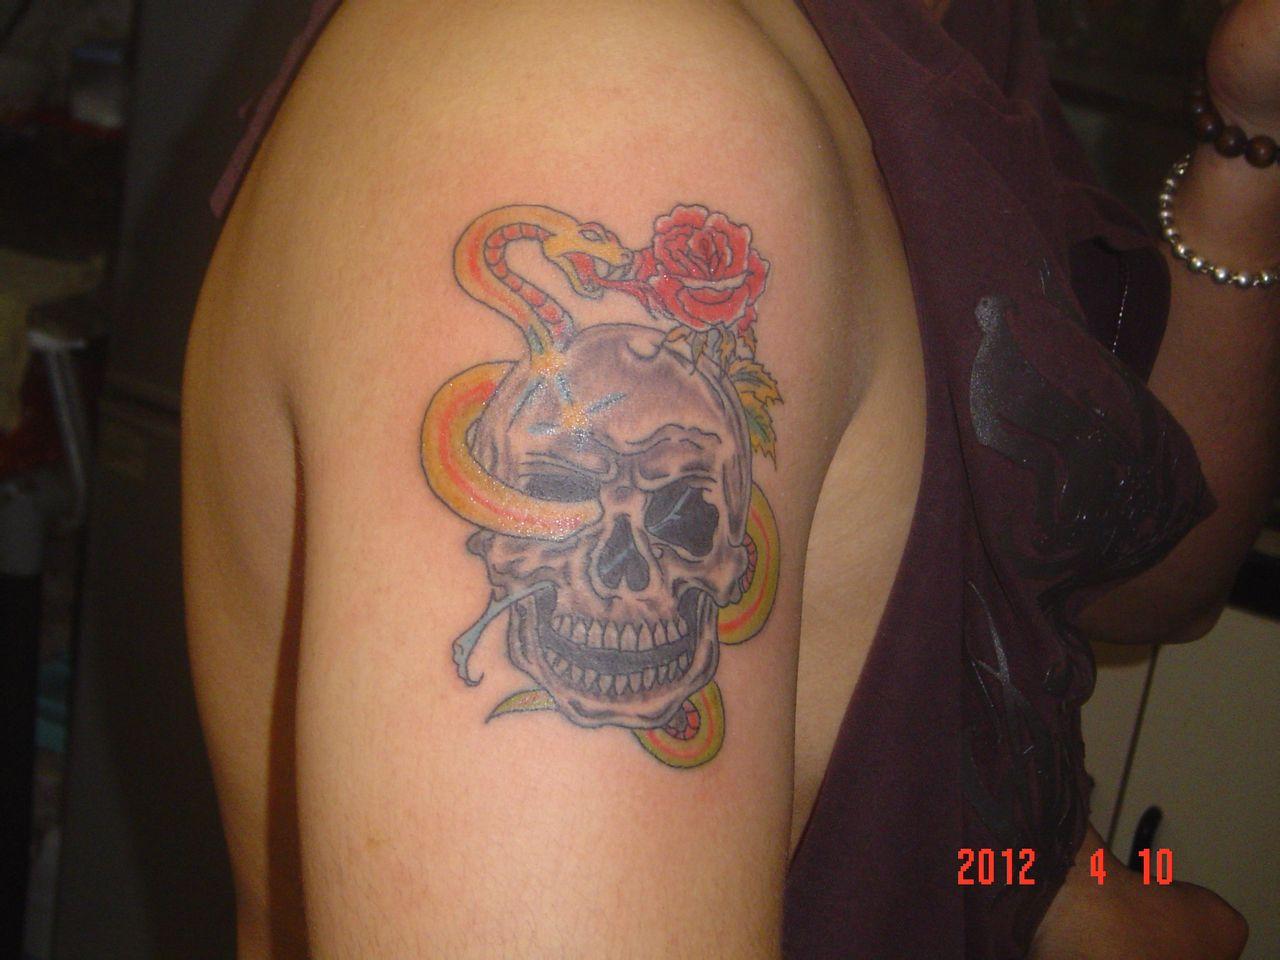 如果洗的话彩色的不怎么好洗,色料方面每个地方的纹身师用的牌子都不图片